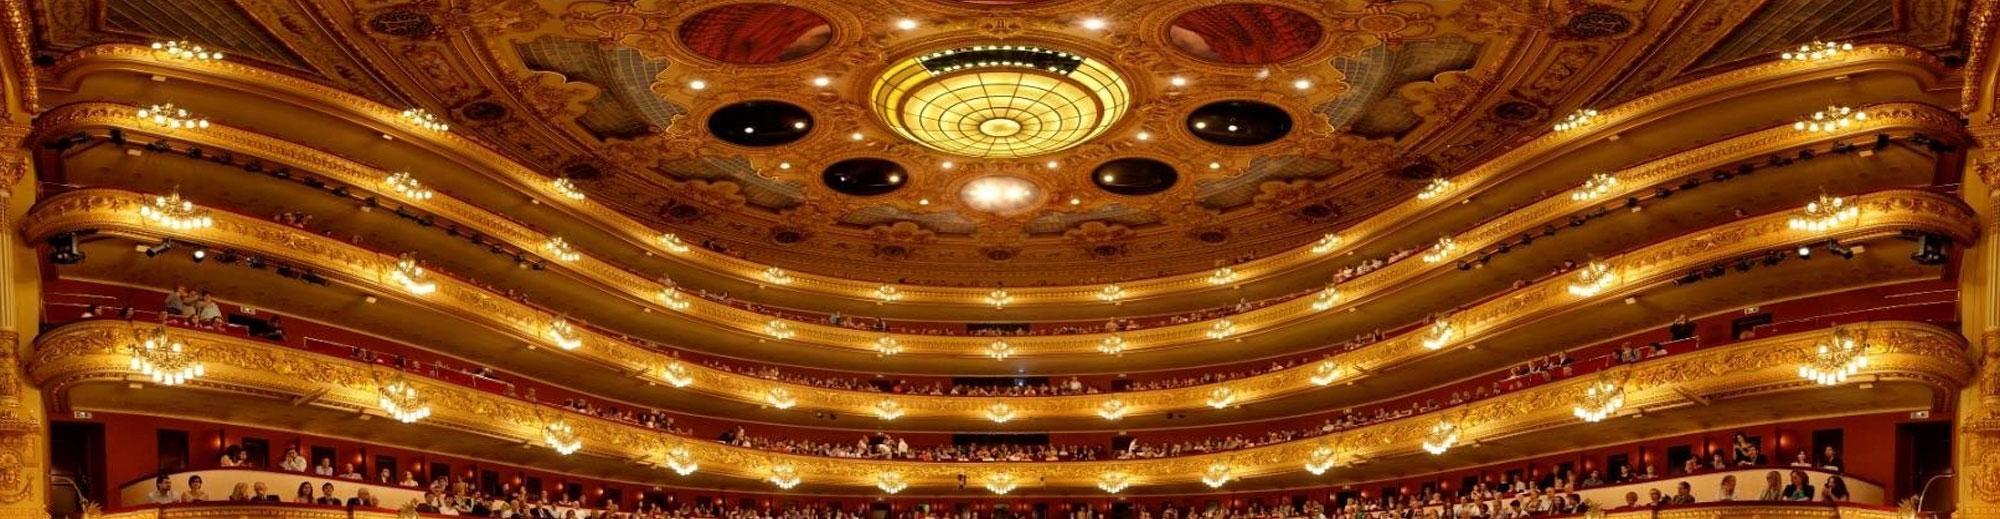 Rubén Amoretti debuta en el Gran Teatre del Liceu de Barcelona